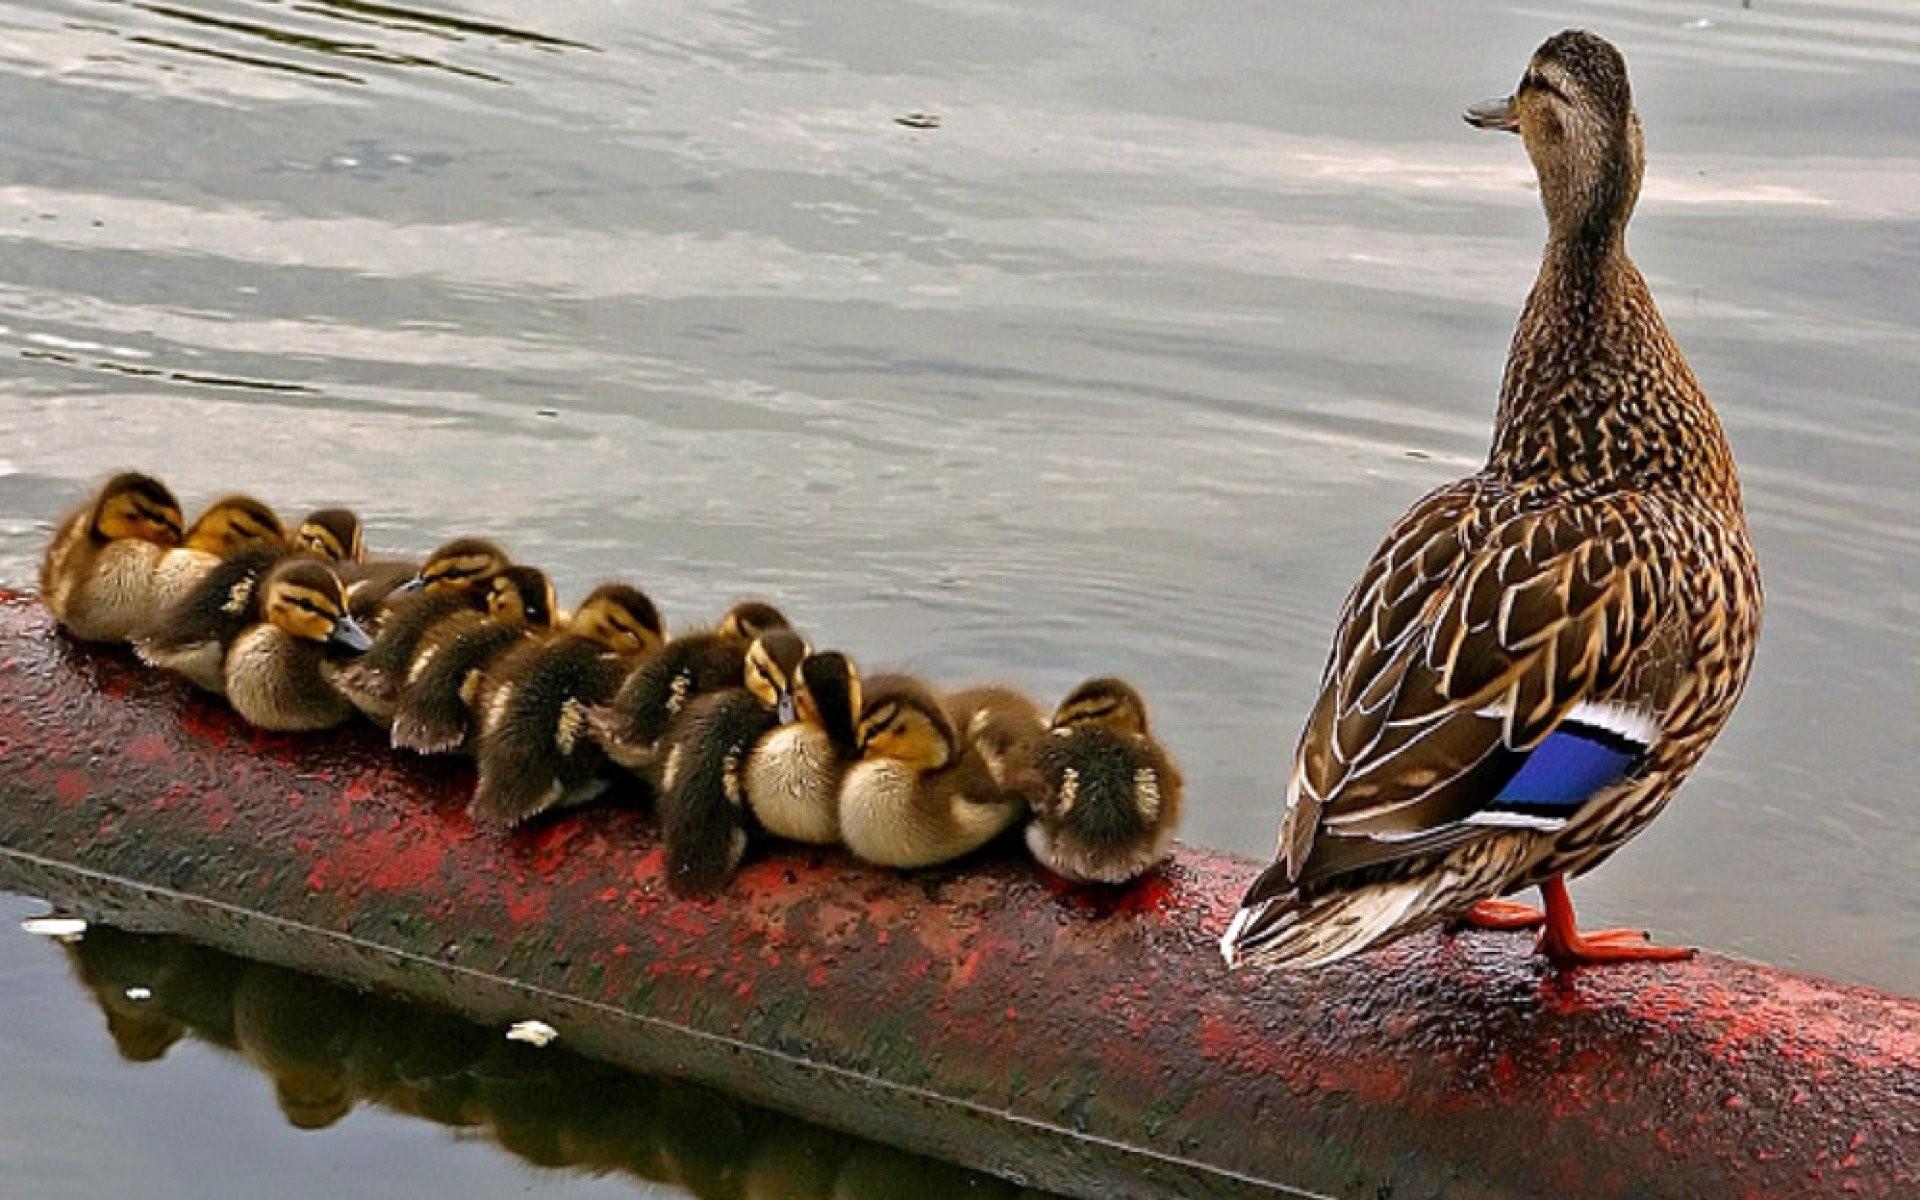 Birds ducks duckling baby birds wallpaper | | 294025 | WallpaperUP